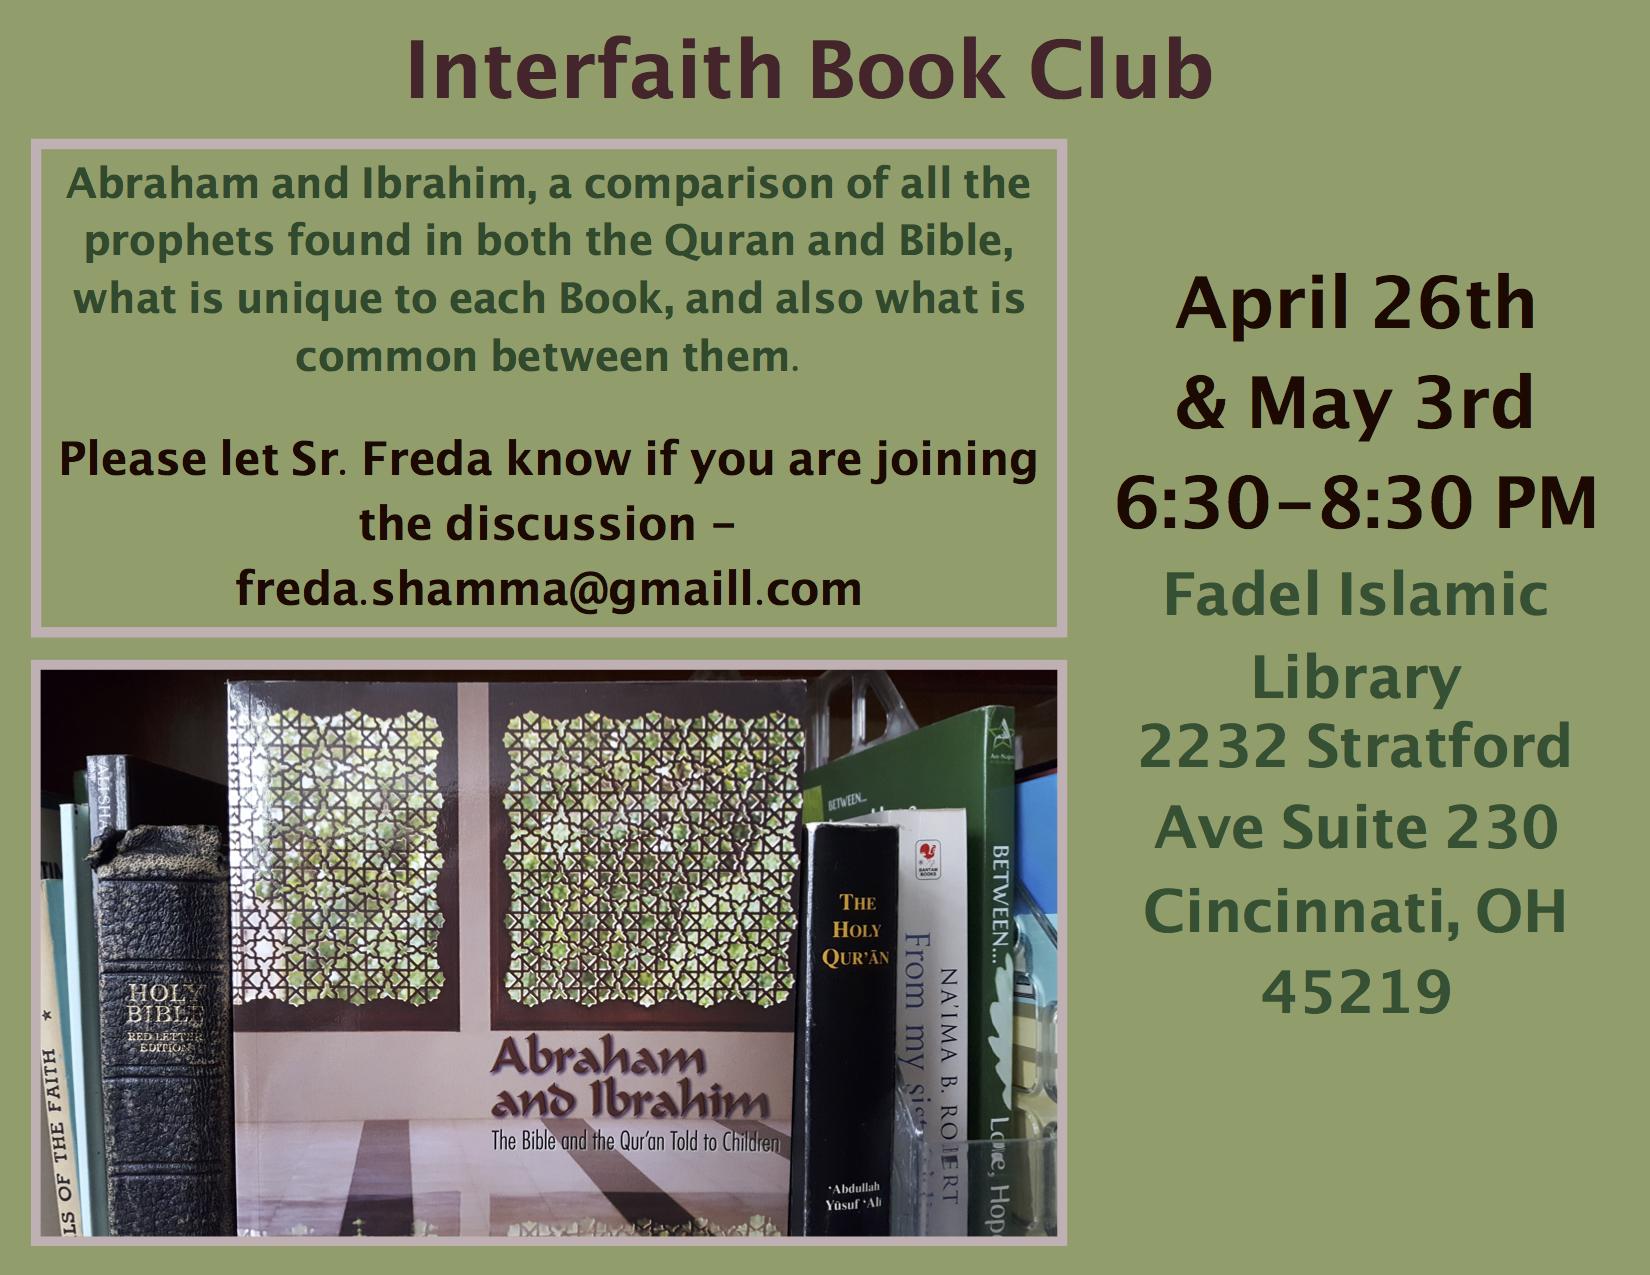 interfaithbookj.jpg